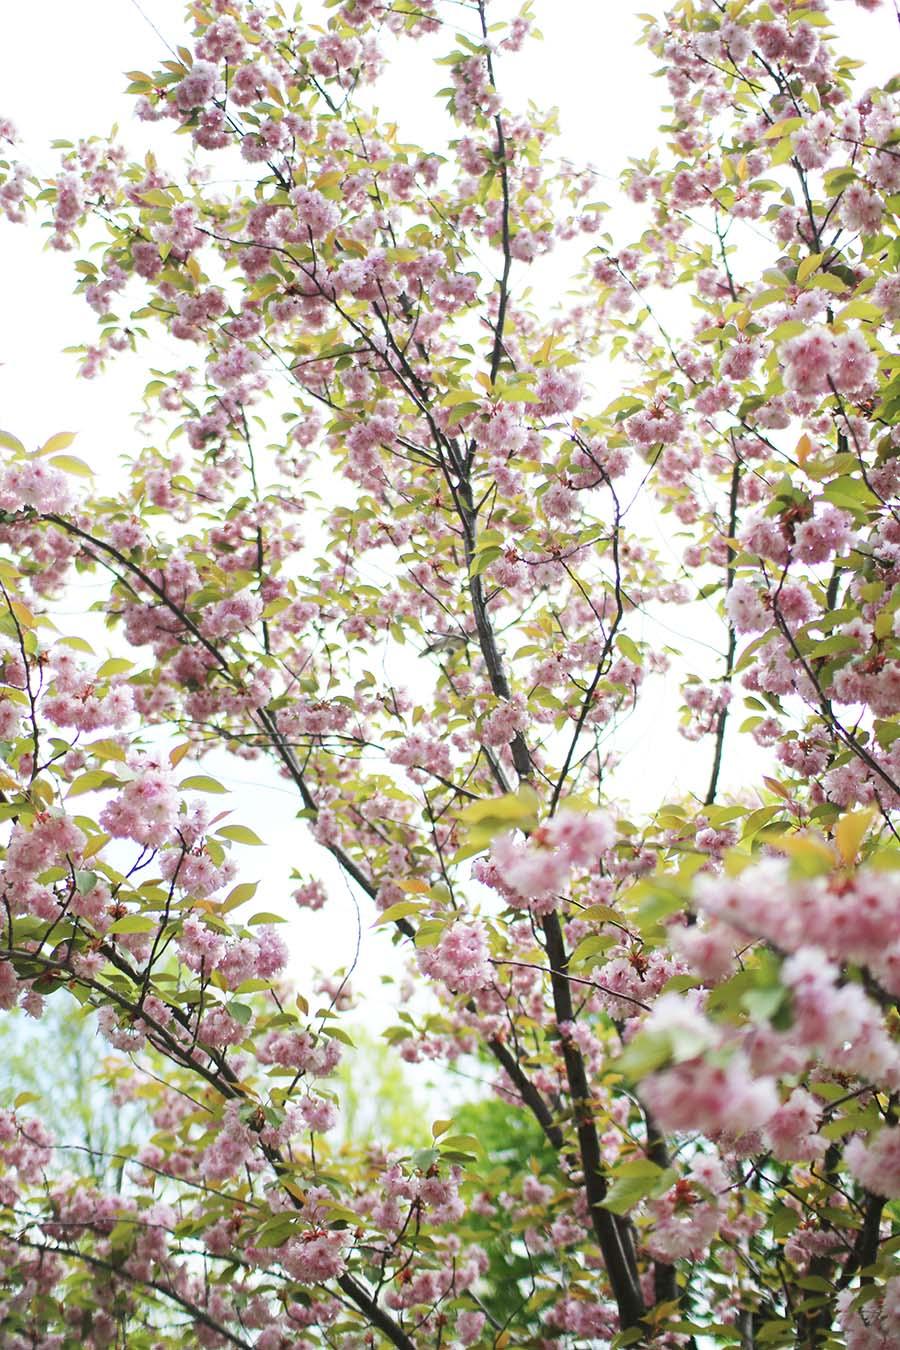 Niagara-On-The-Lake-Trees-In-Bloom